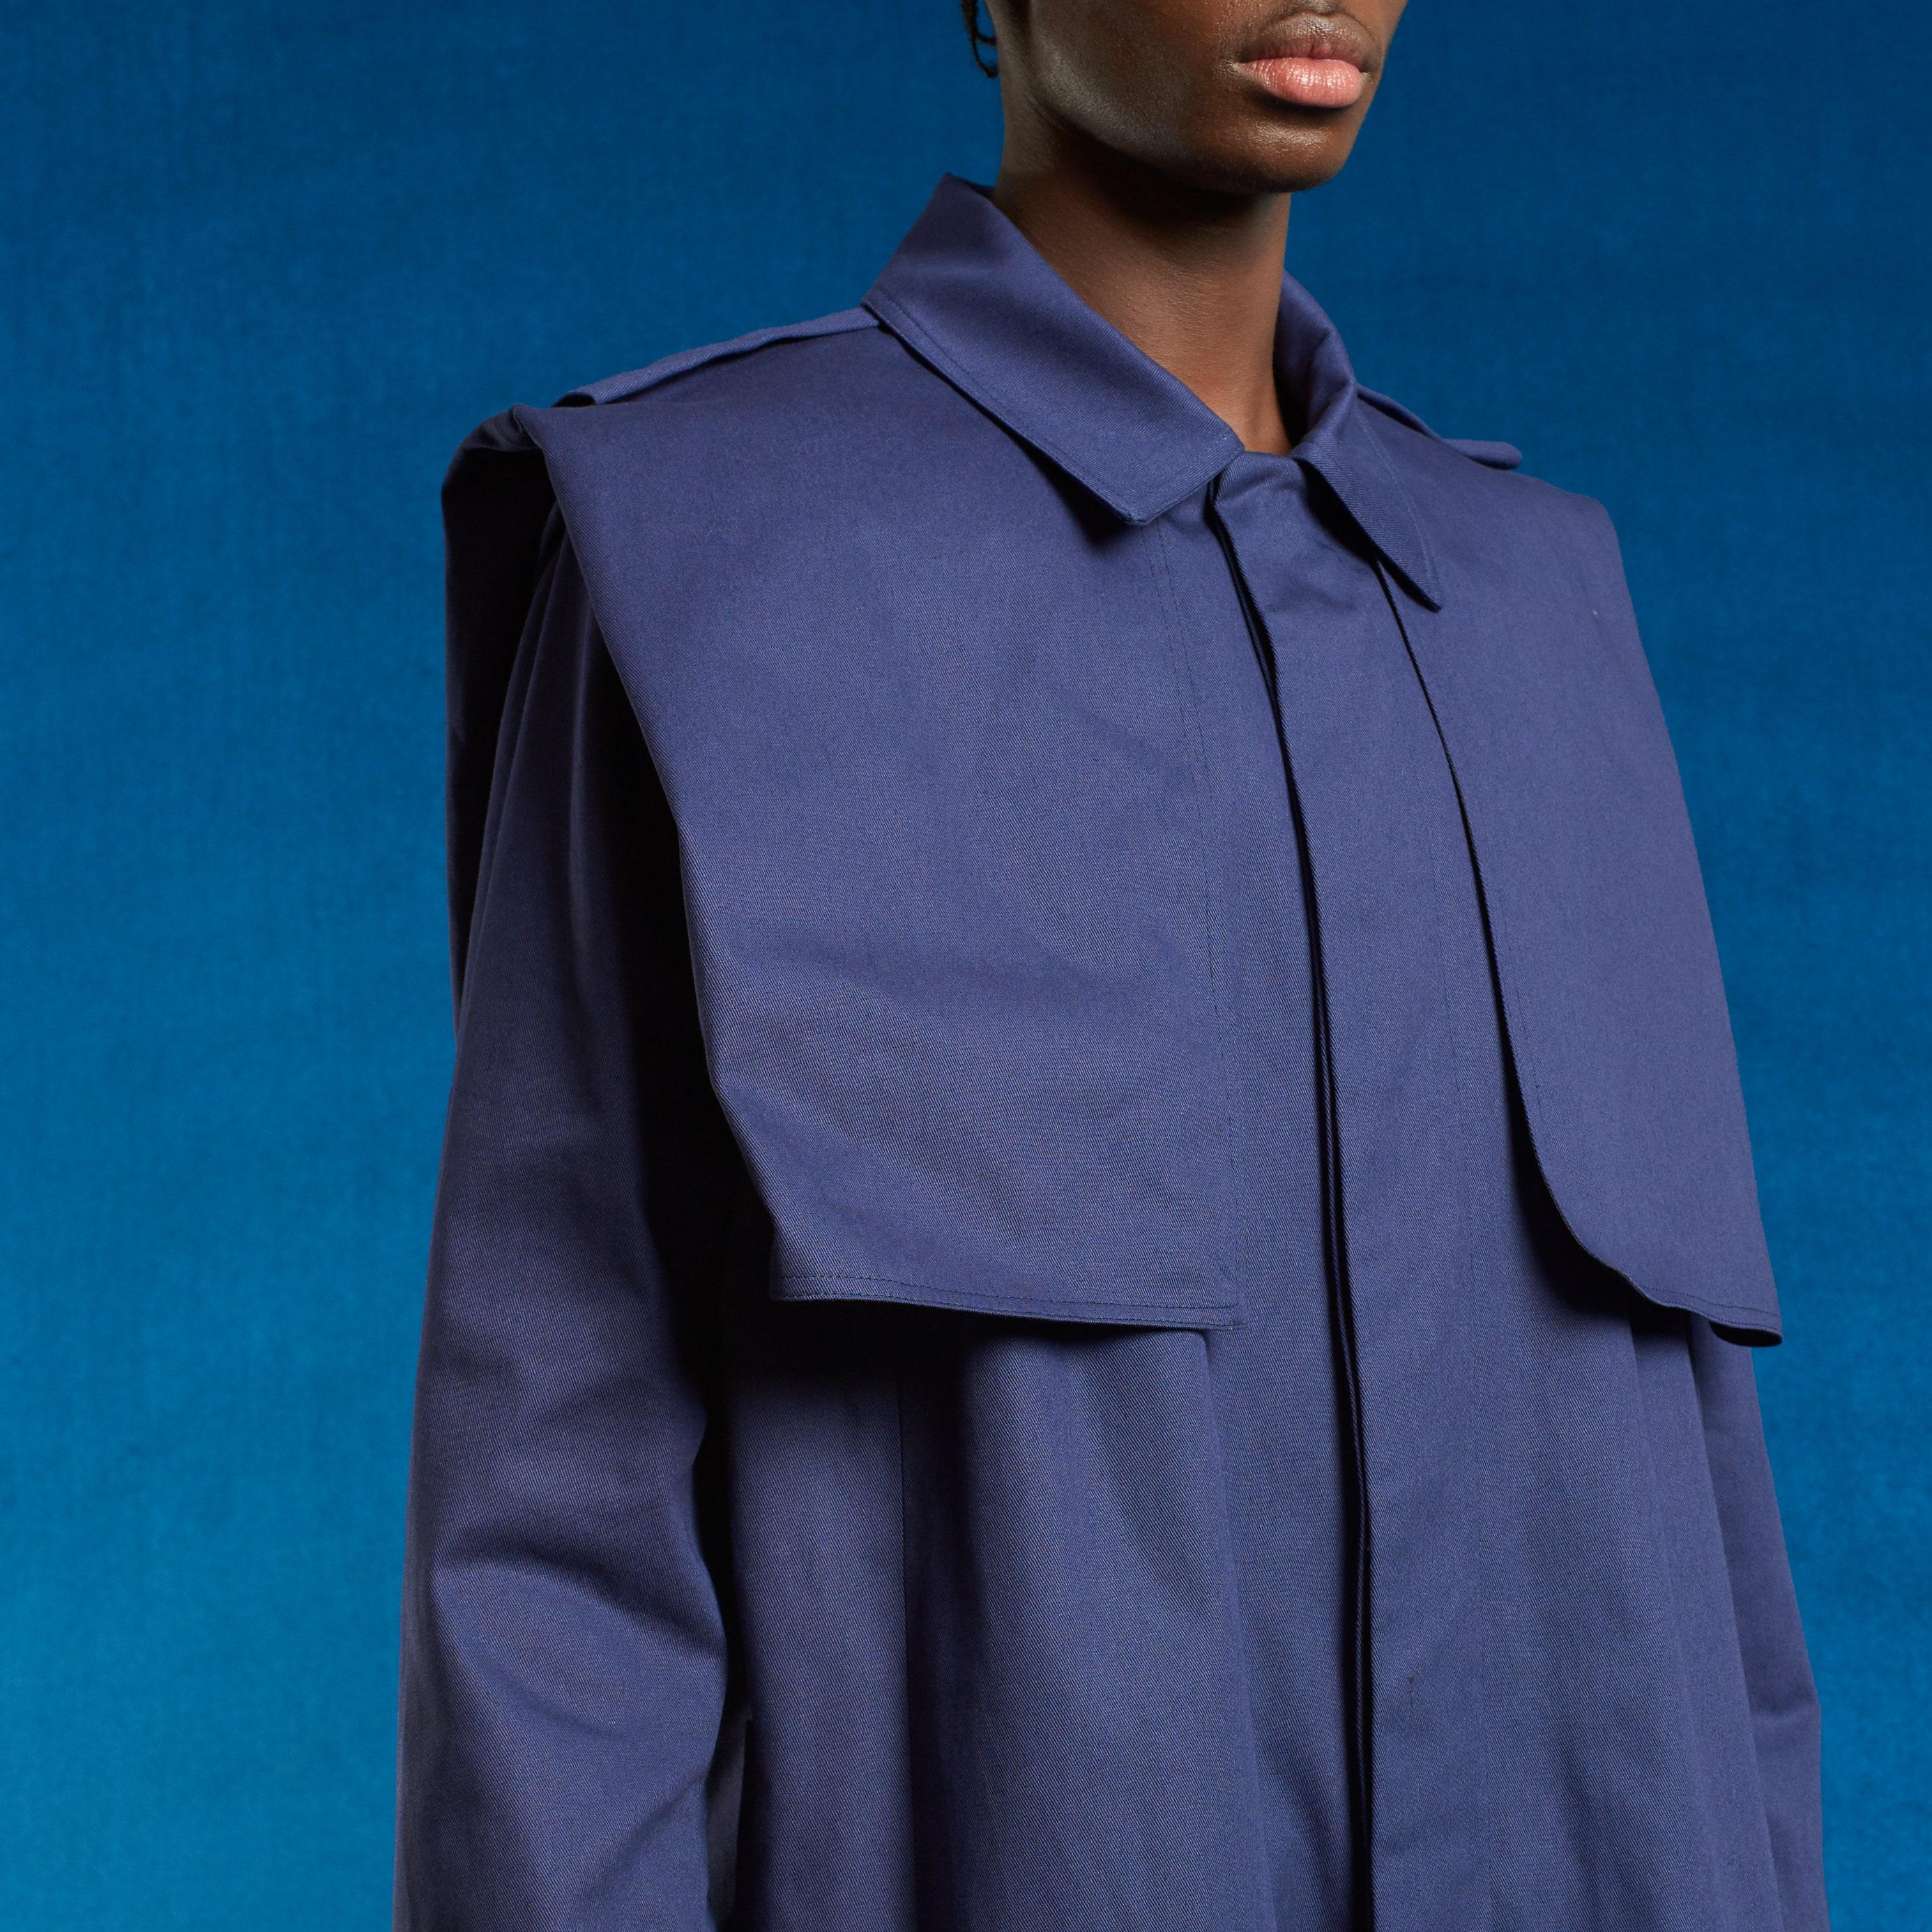 Bianca Saunders: восходящая звезда мужской моды Бьянка Сондерс о своей коллаборации с Gucci